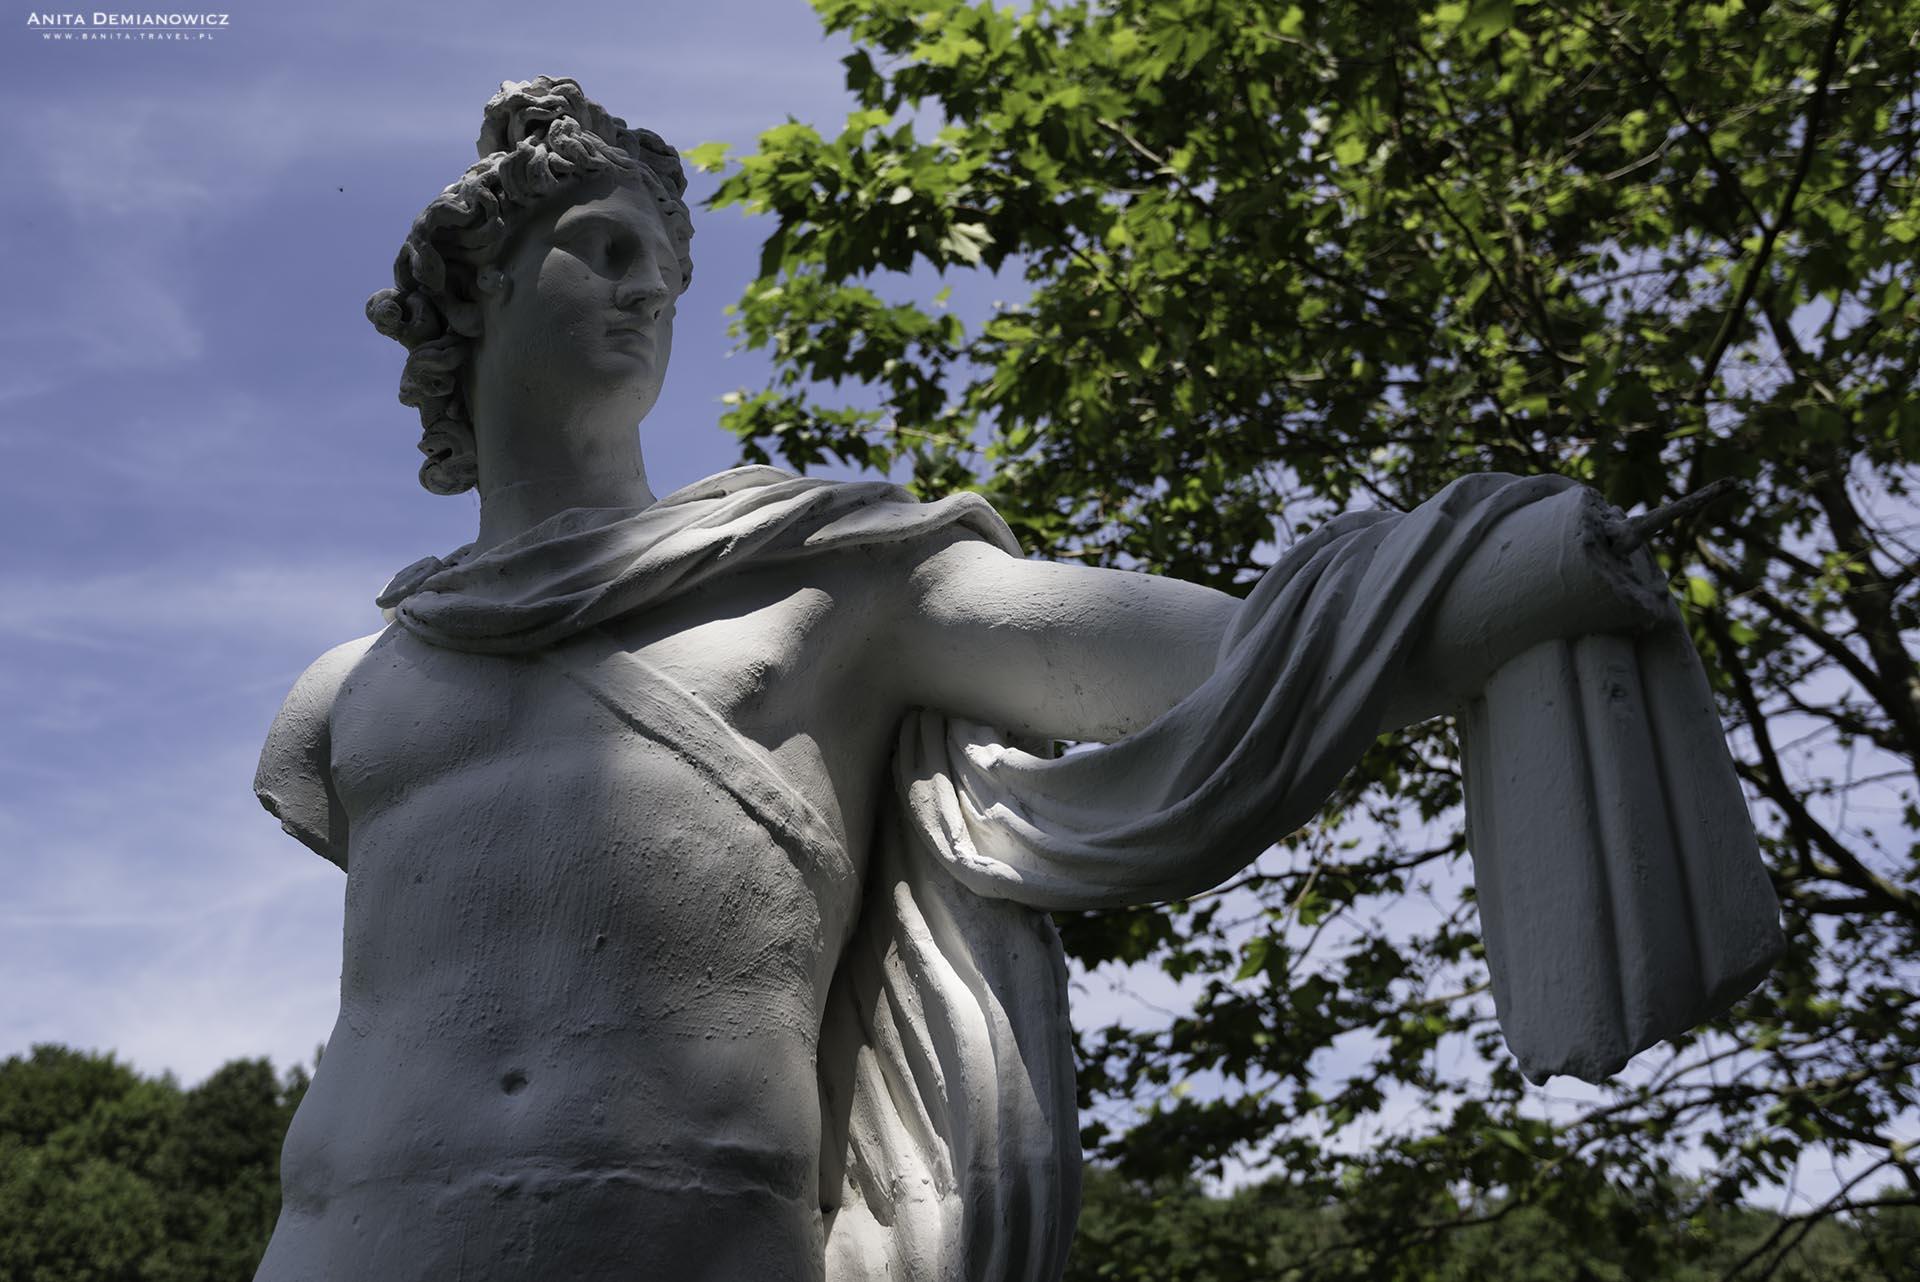 Rzeźba Apolla w parku w Machern